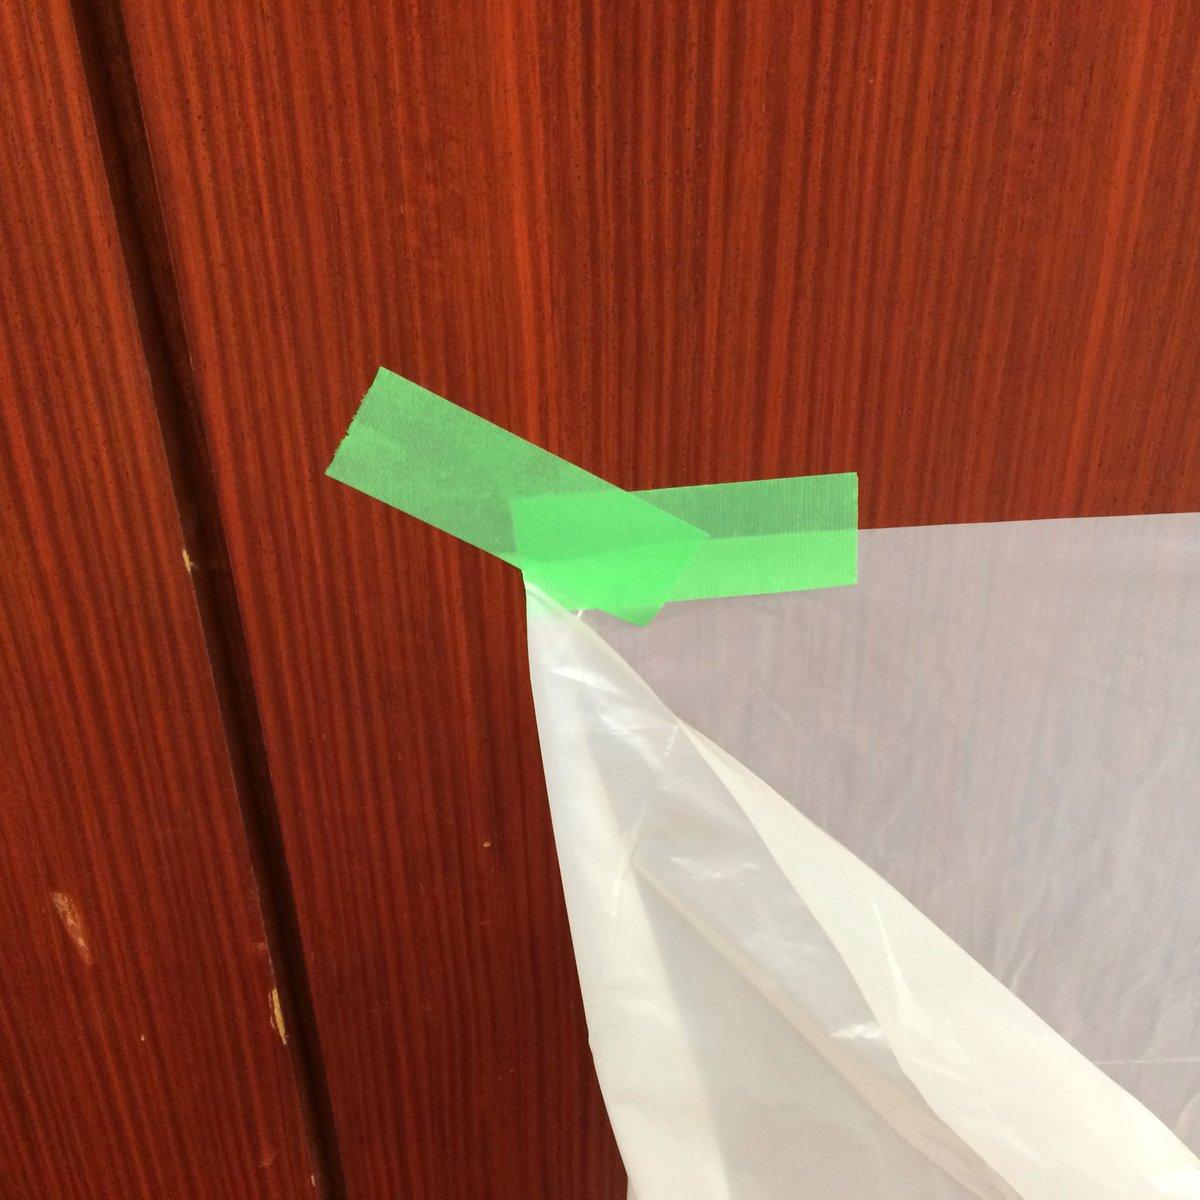 仮設のゴミ袋を養生テープで固定する場合、このようにテーピングすると剥がれずにすみます。 https://t.co/kvao06P7AK